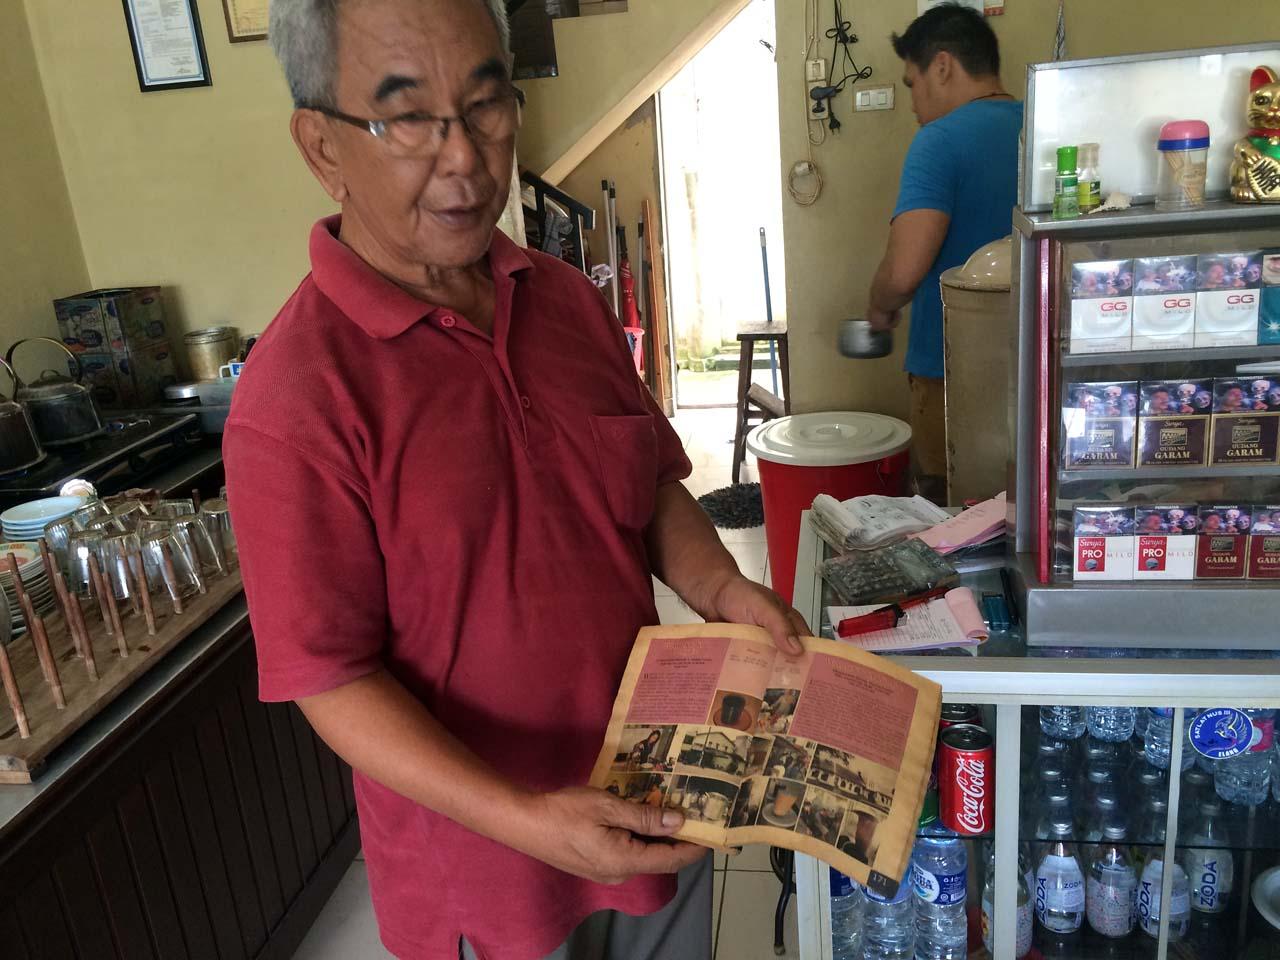 waroeng-kopi-ake-tanjung-pandan-belitung-yopie-pangkey-5